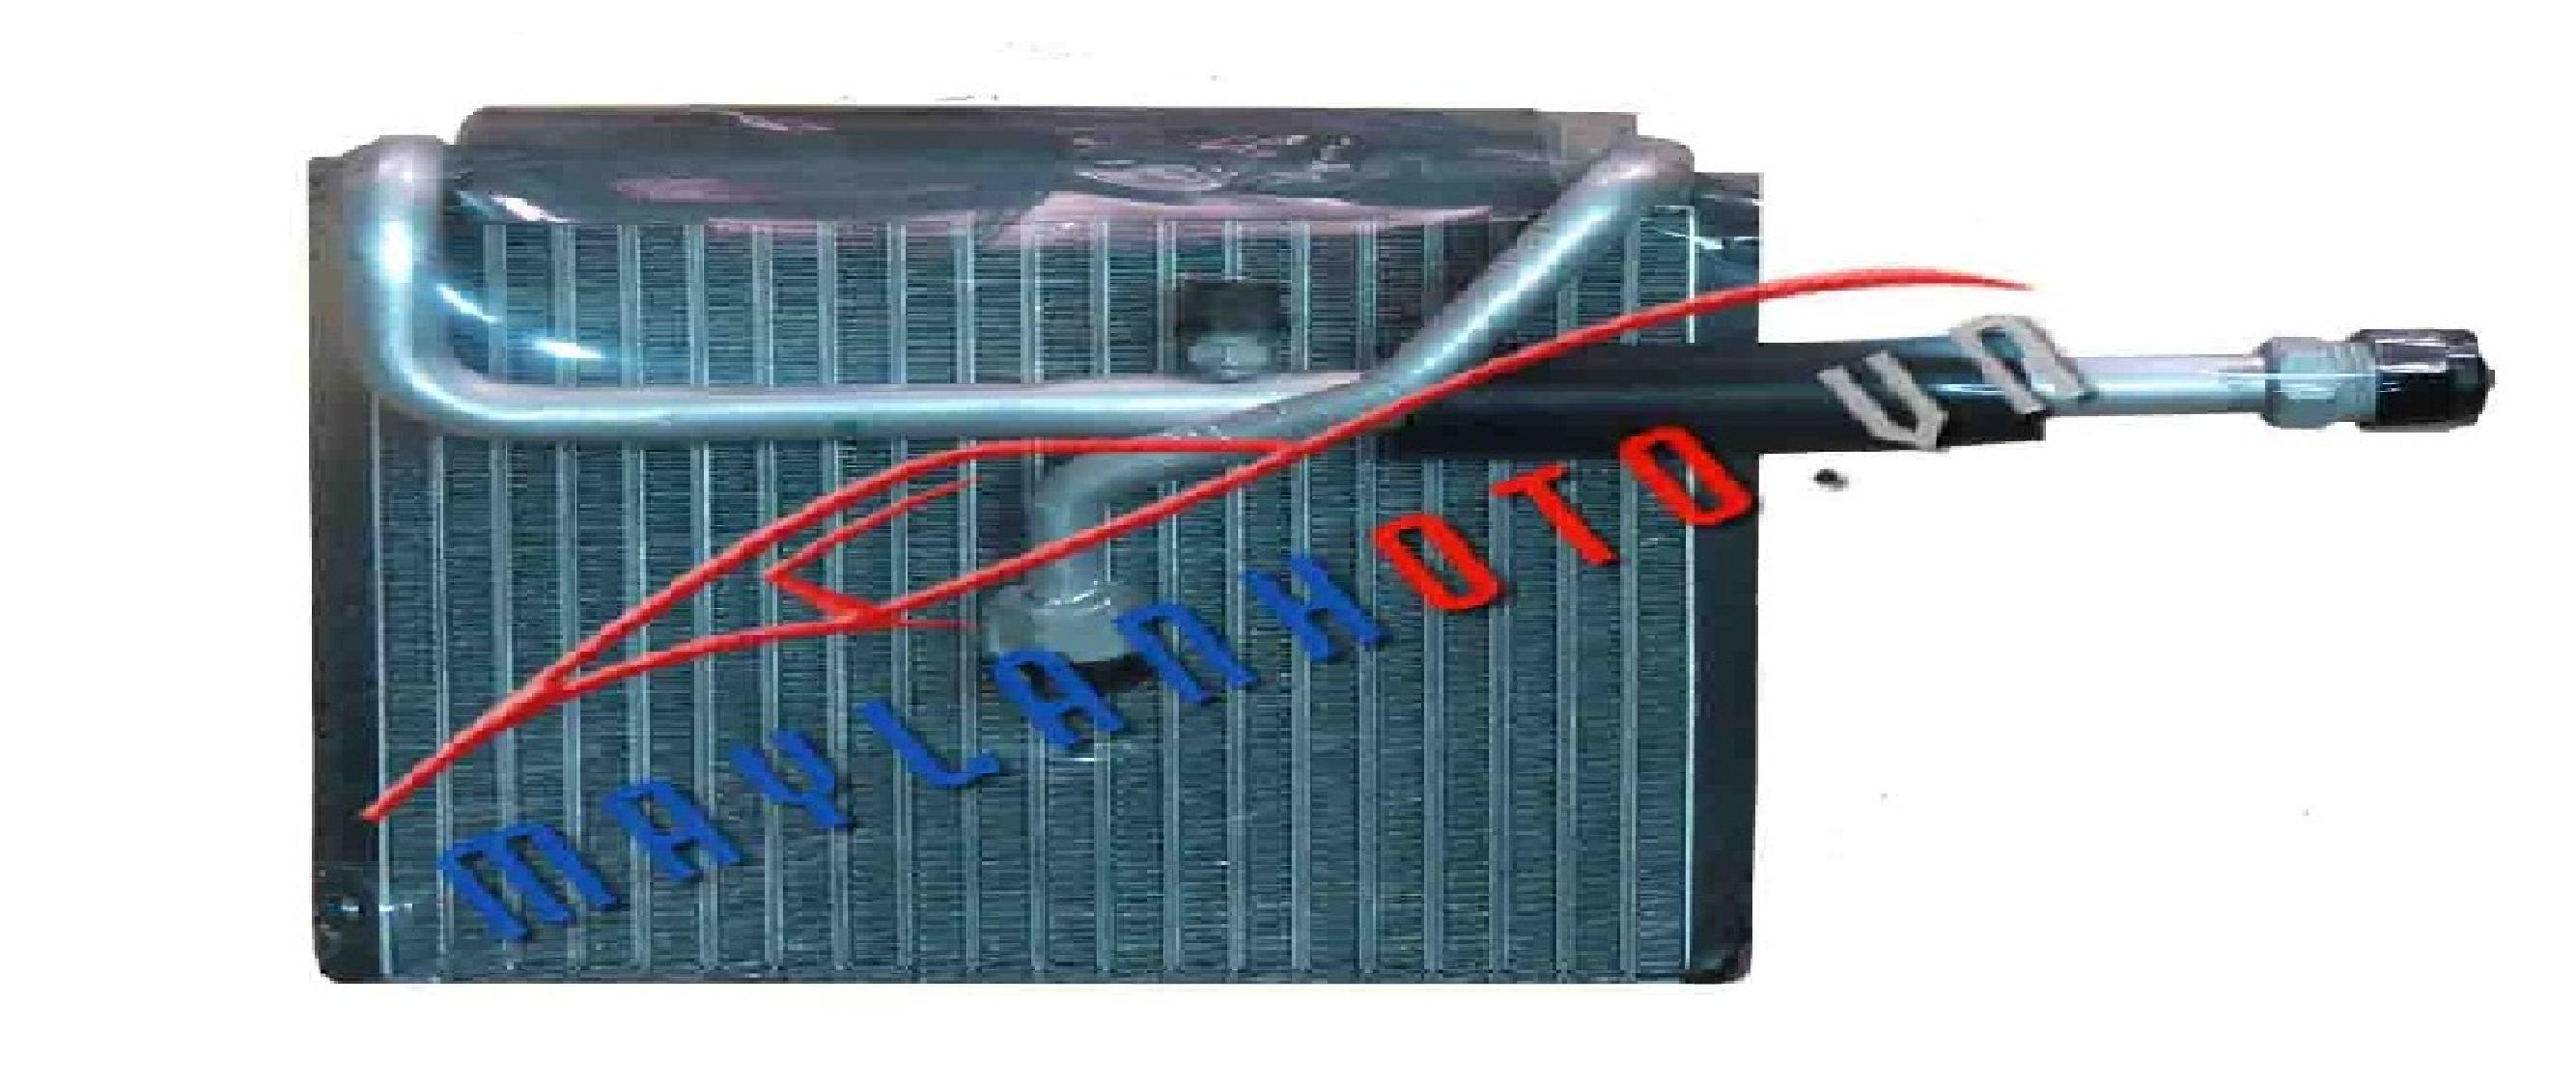 626 - 2000 / Dàn lạnh điều hòa Mazda 626-2000/ Giàn lạnh điều hòa Mazda 626-2000